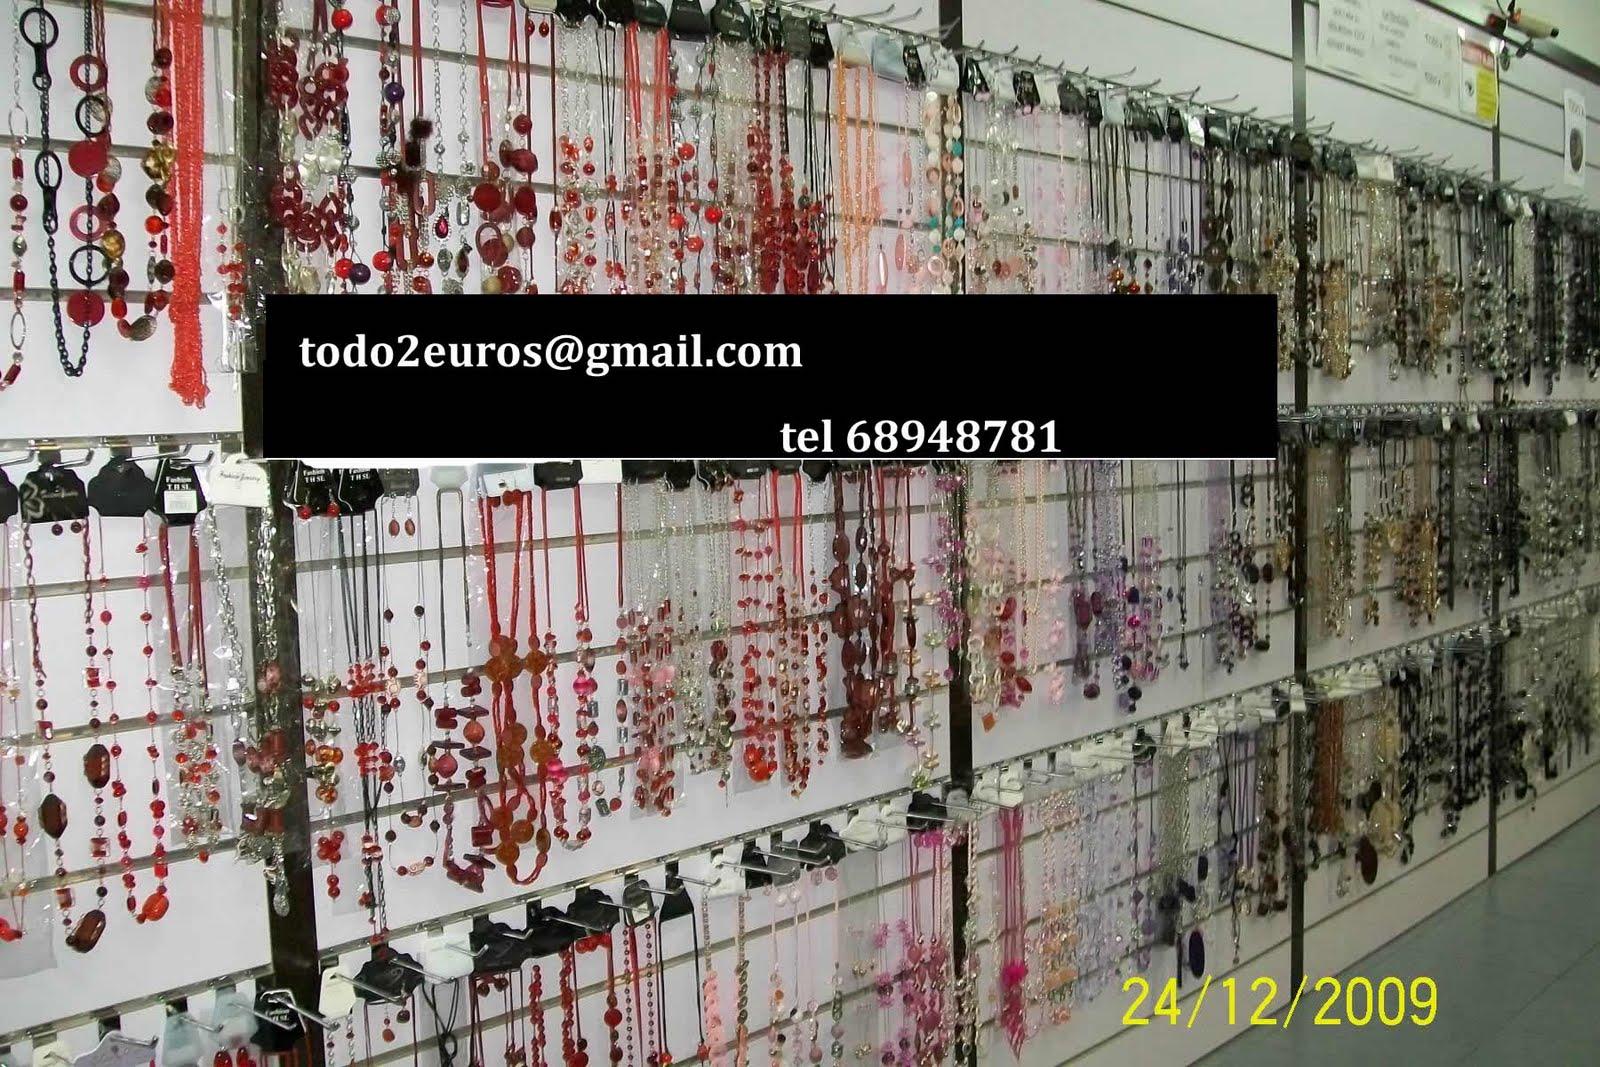 tiendas mayoristas todo a 2 euros bisuteria moda y complementos ... 4e7c52753718